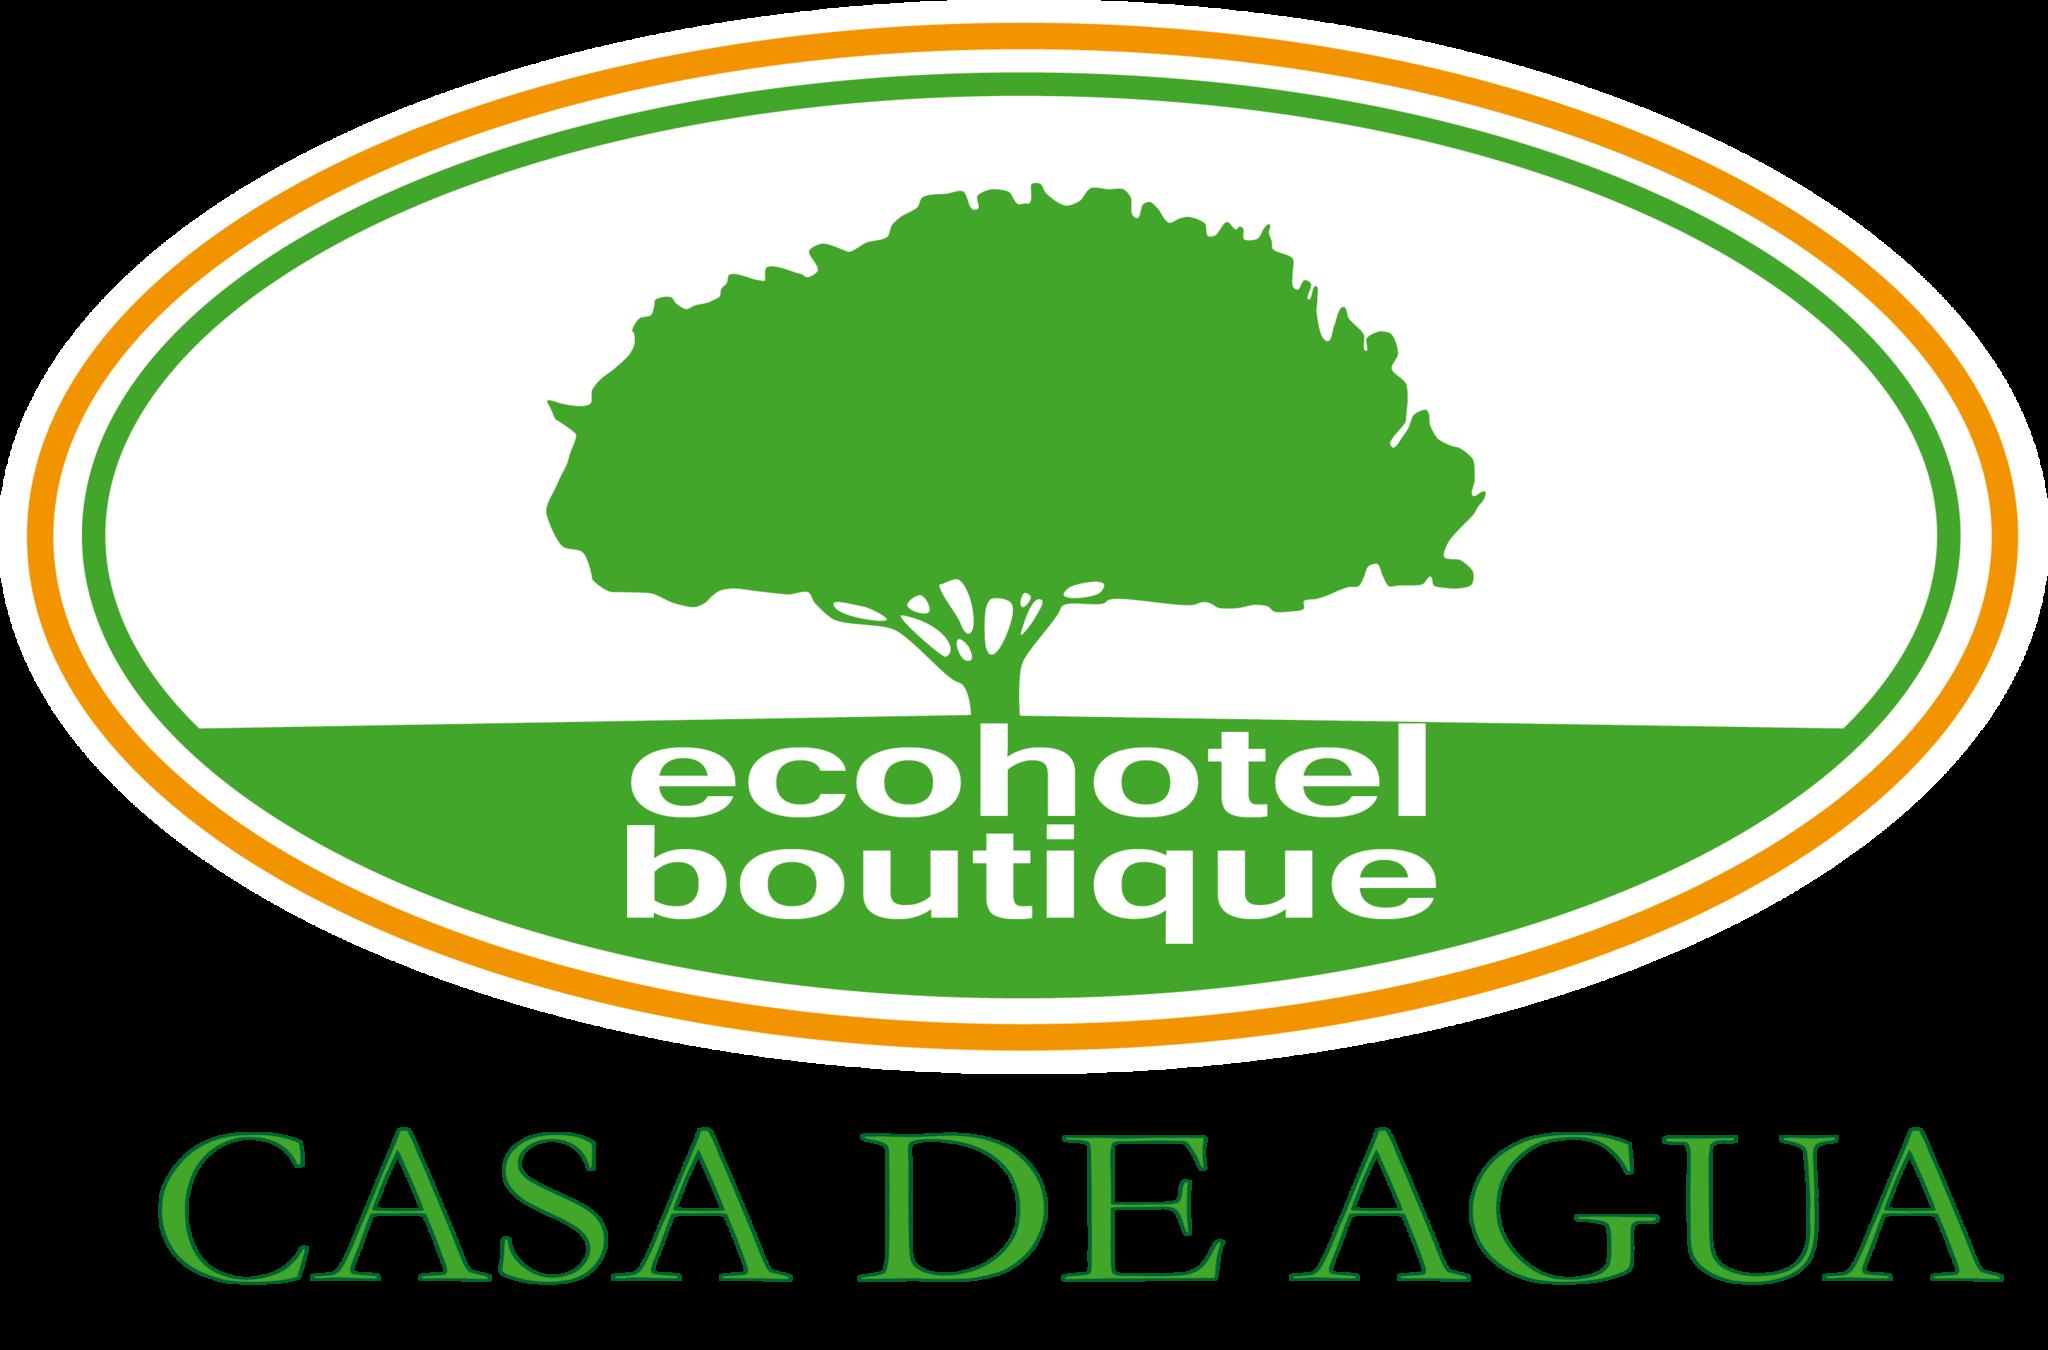 Casa de Agua Ecohotel